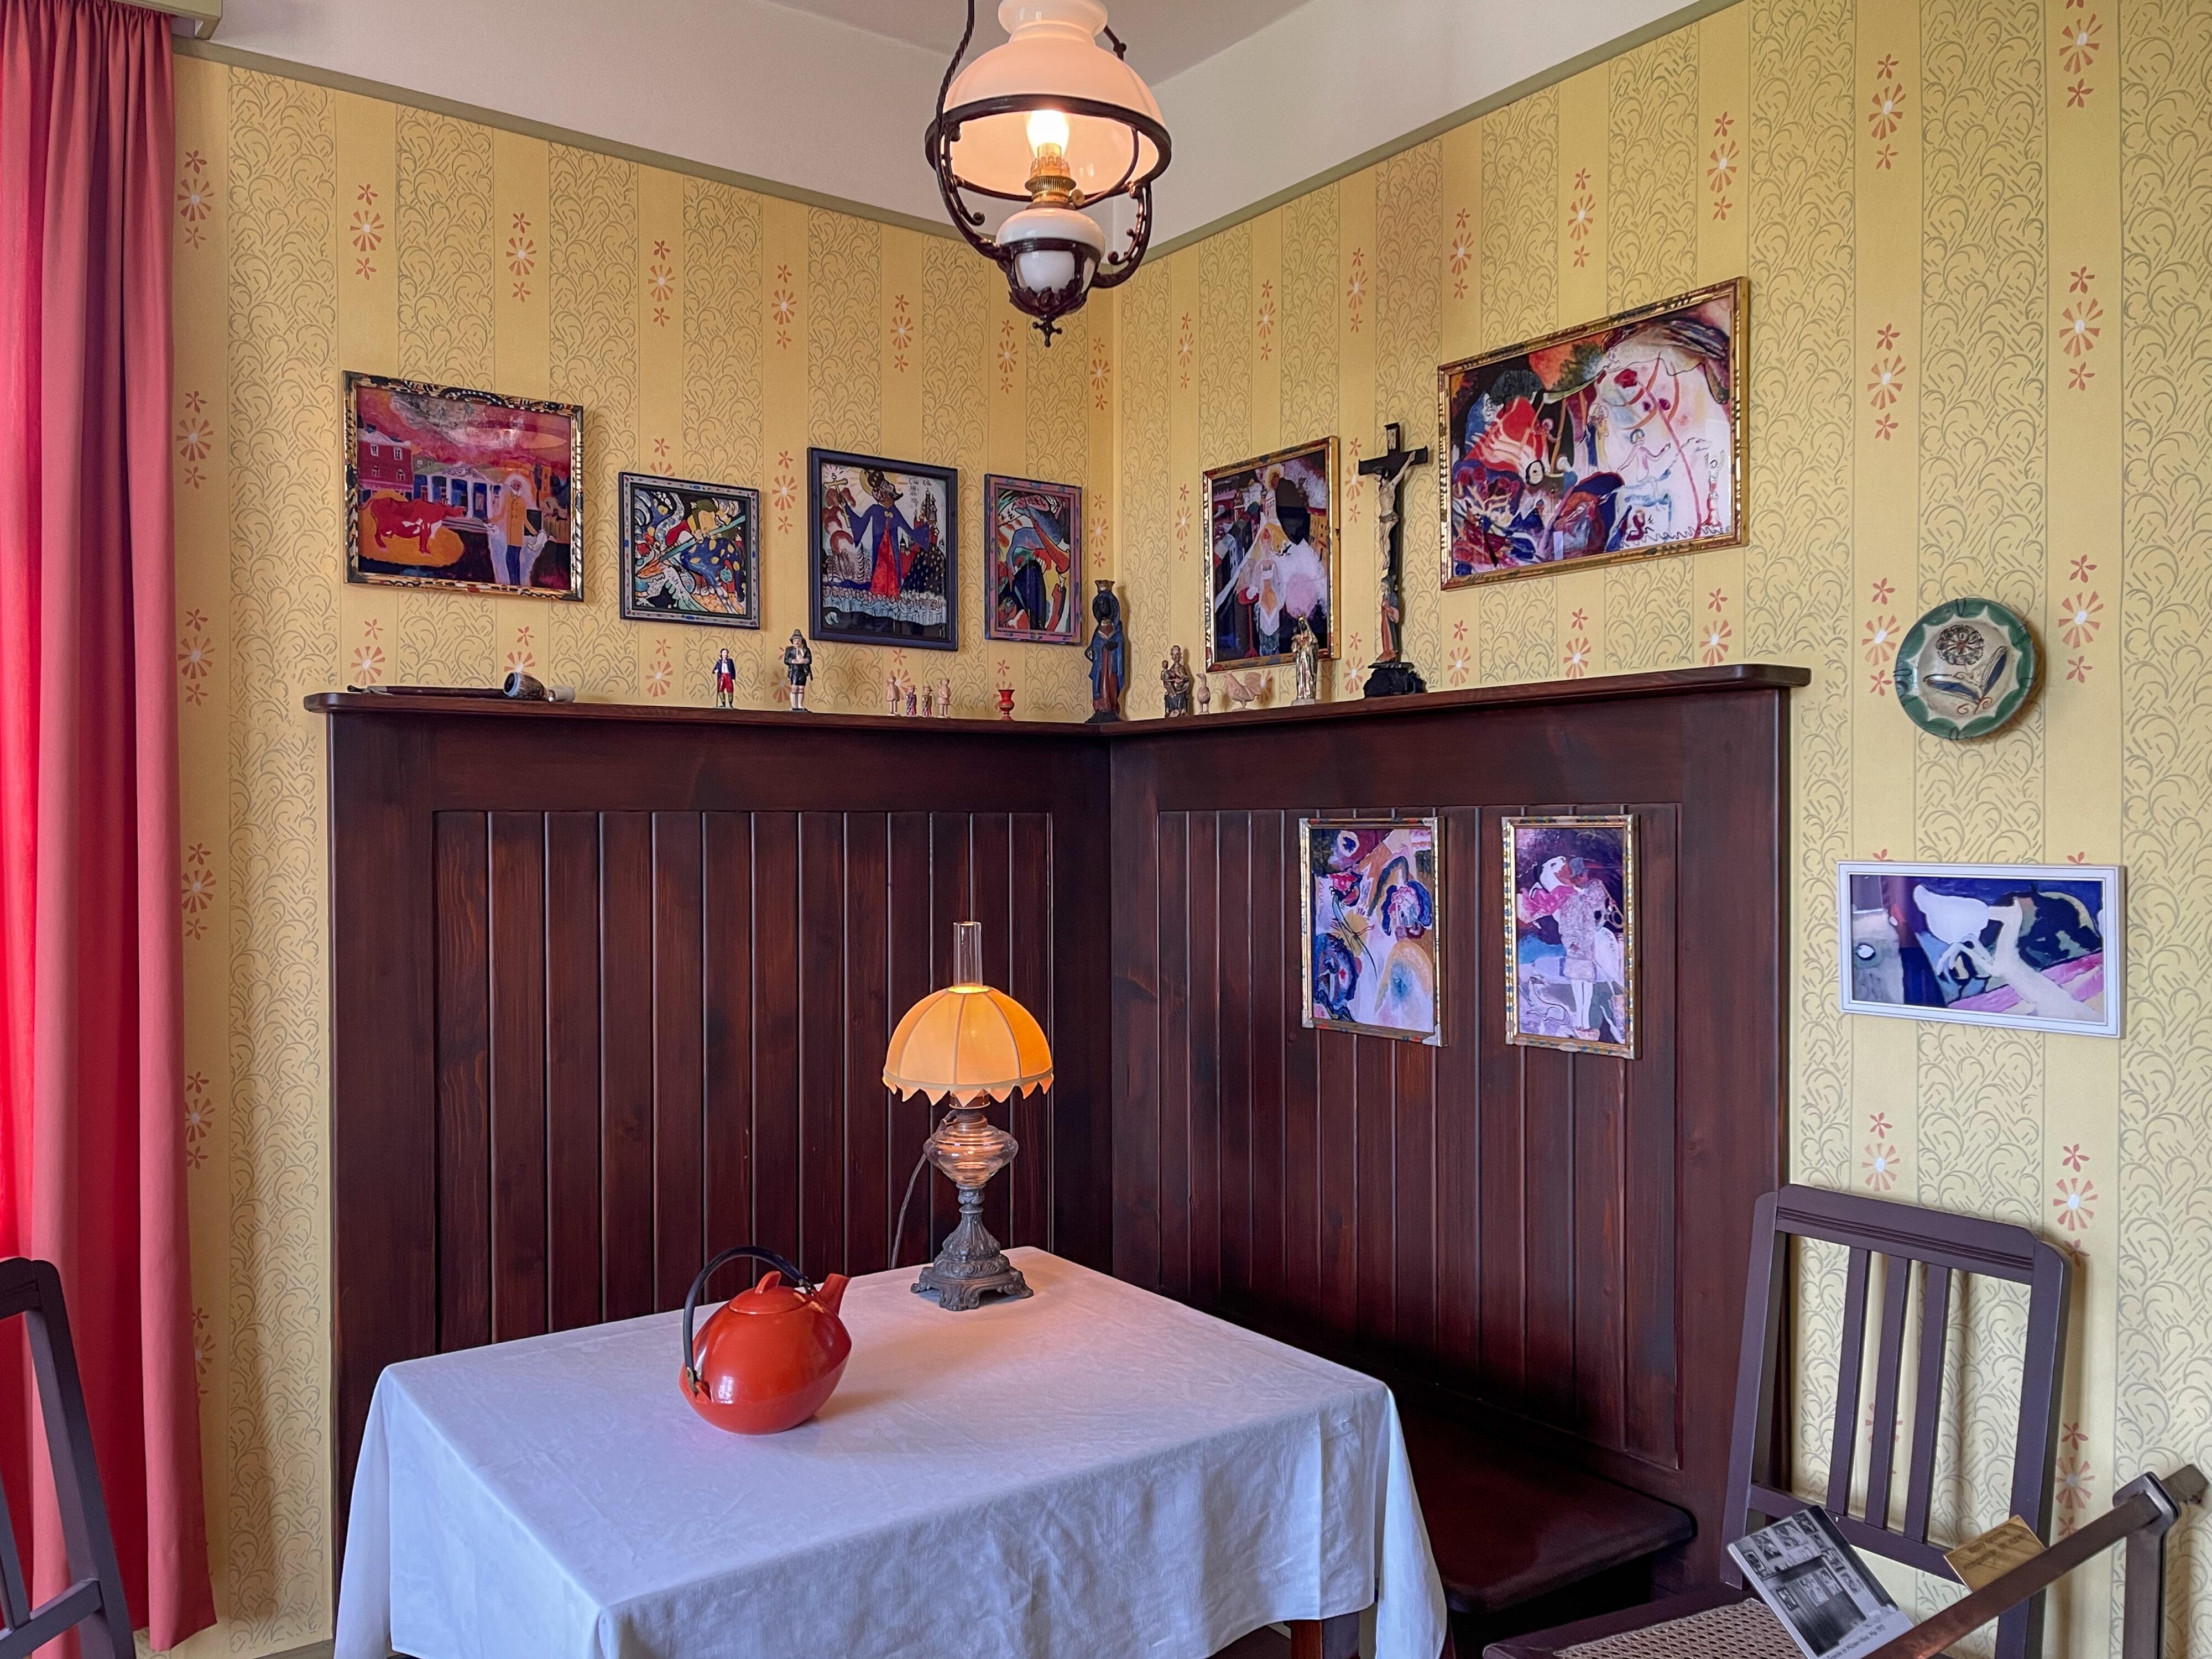 Münter-Haus in Murnau: Essecke mit Hinterglasmalereien Kandinskys